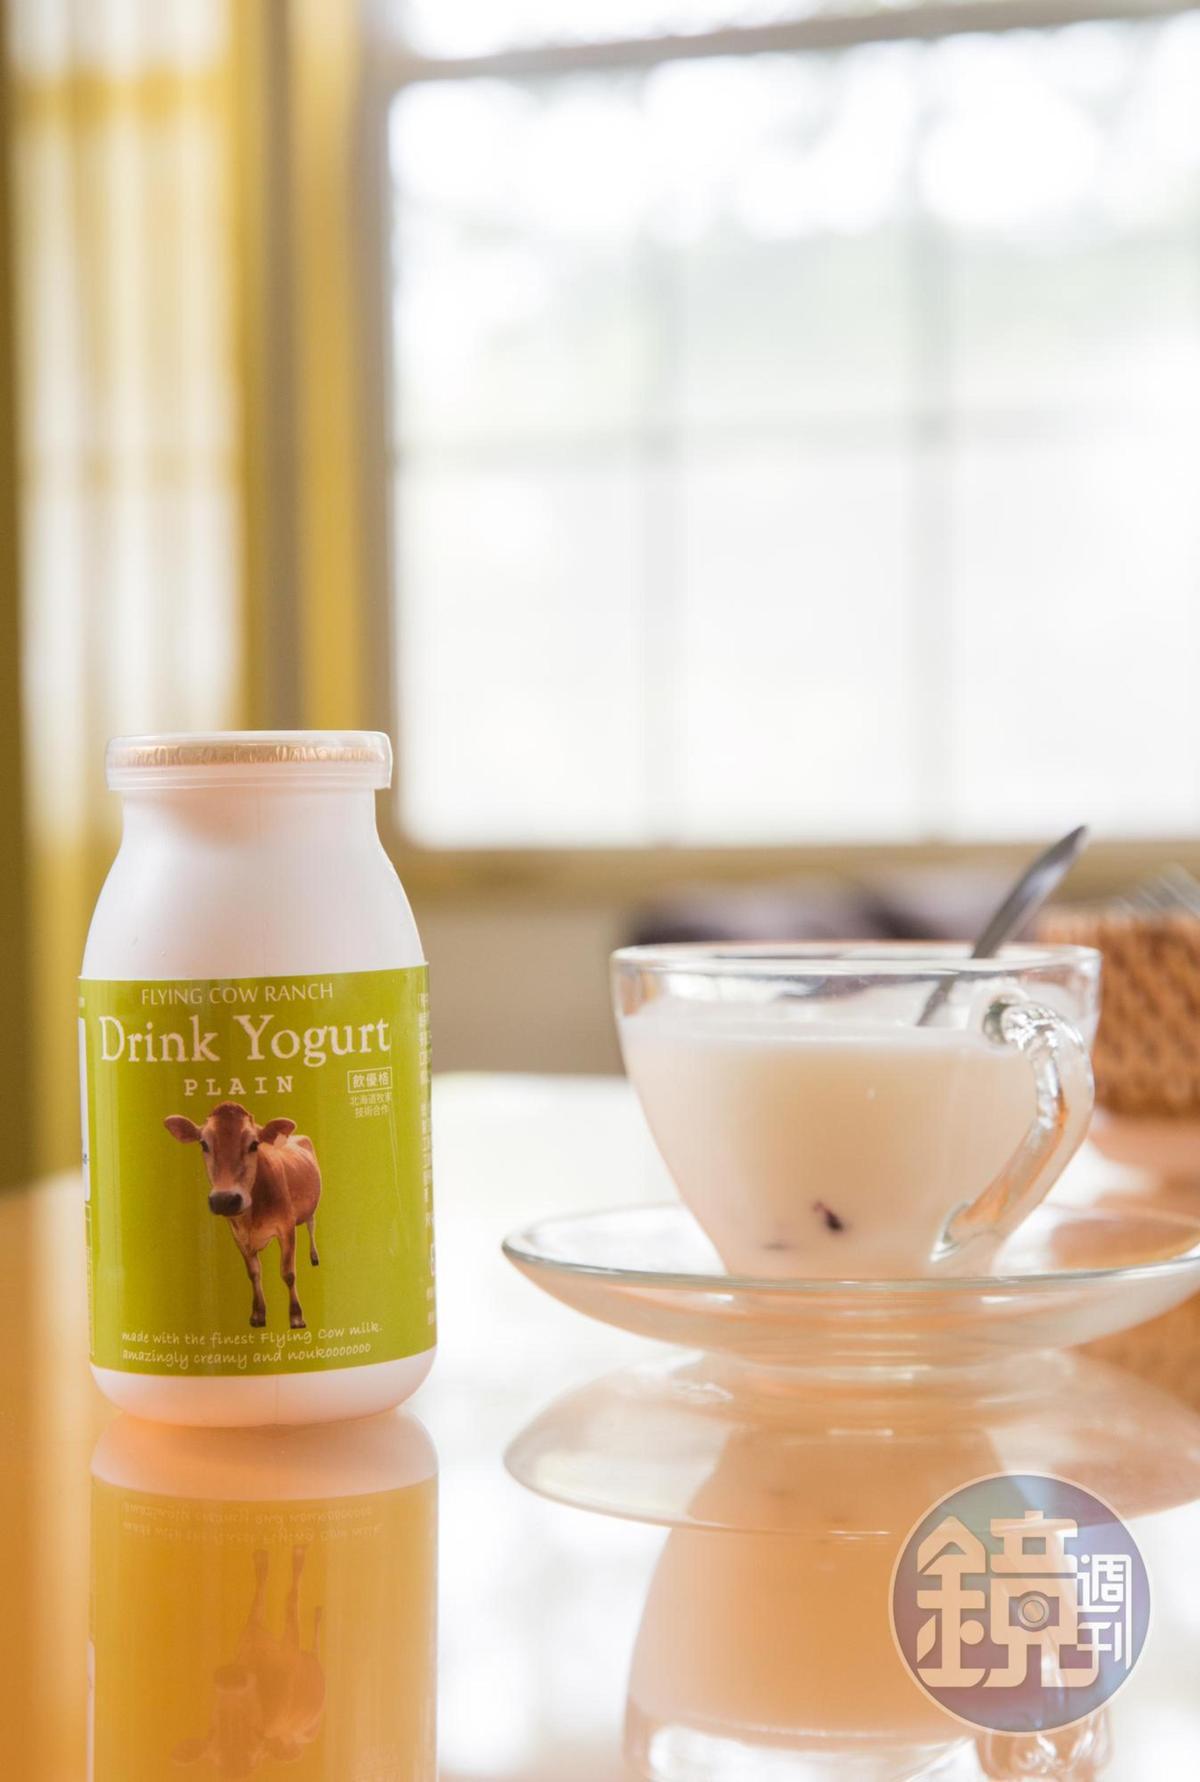 牧場用100%鮮乳製成的飲優格,完整保留乳品營養價值,適合老人、小孩飲用。(68元/瓶)